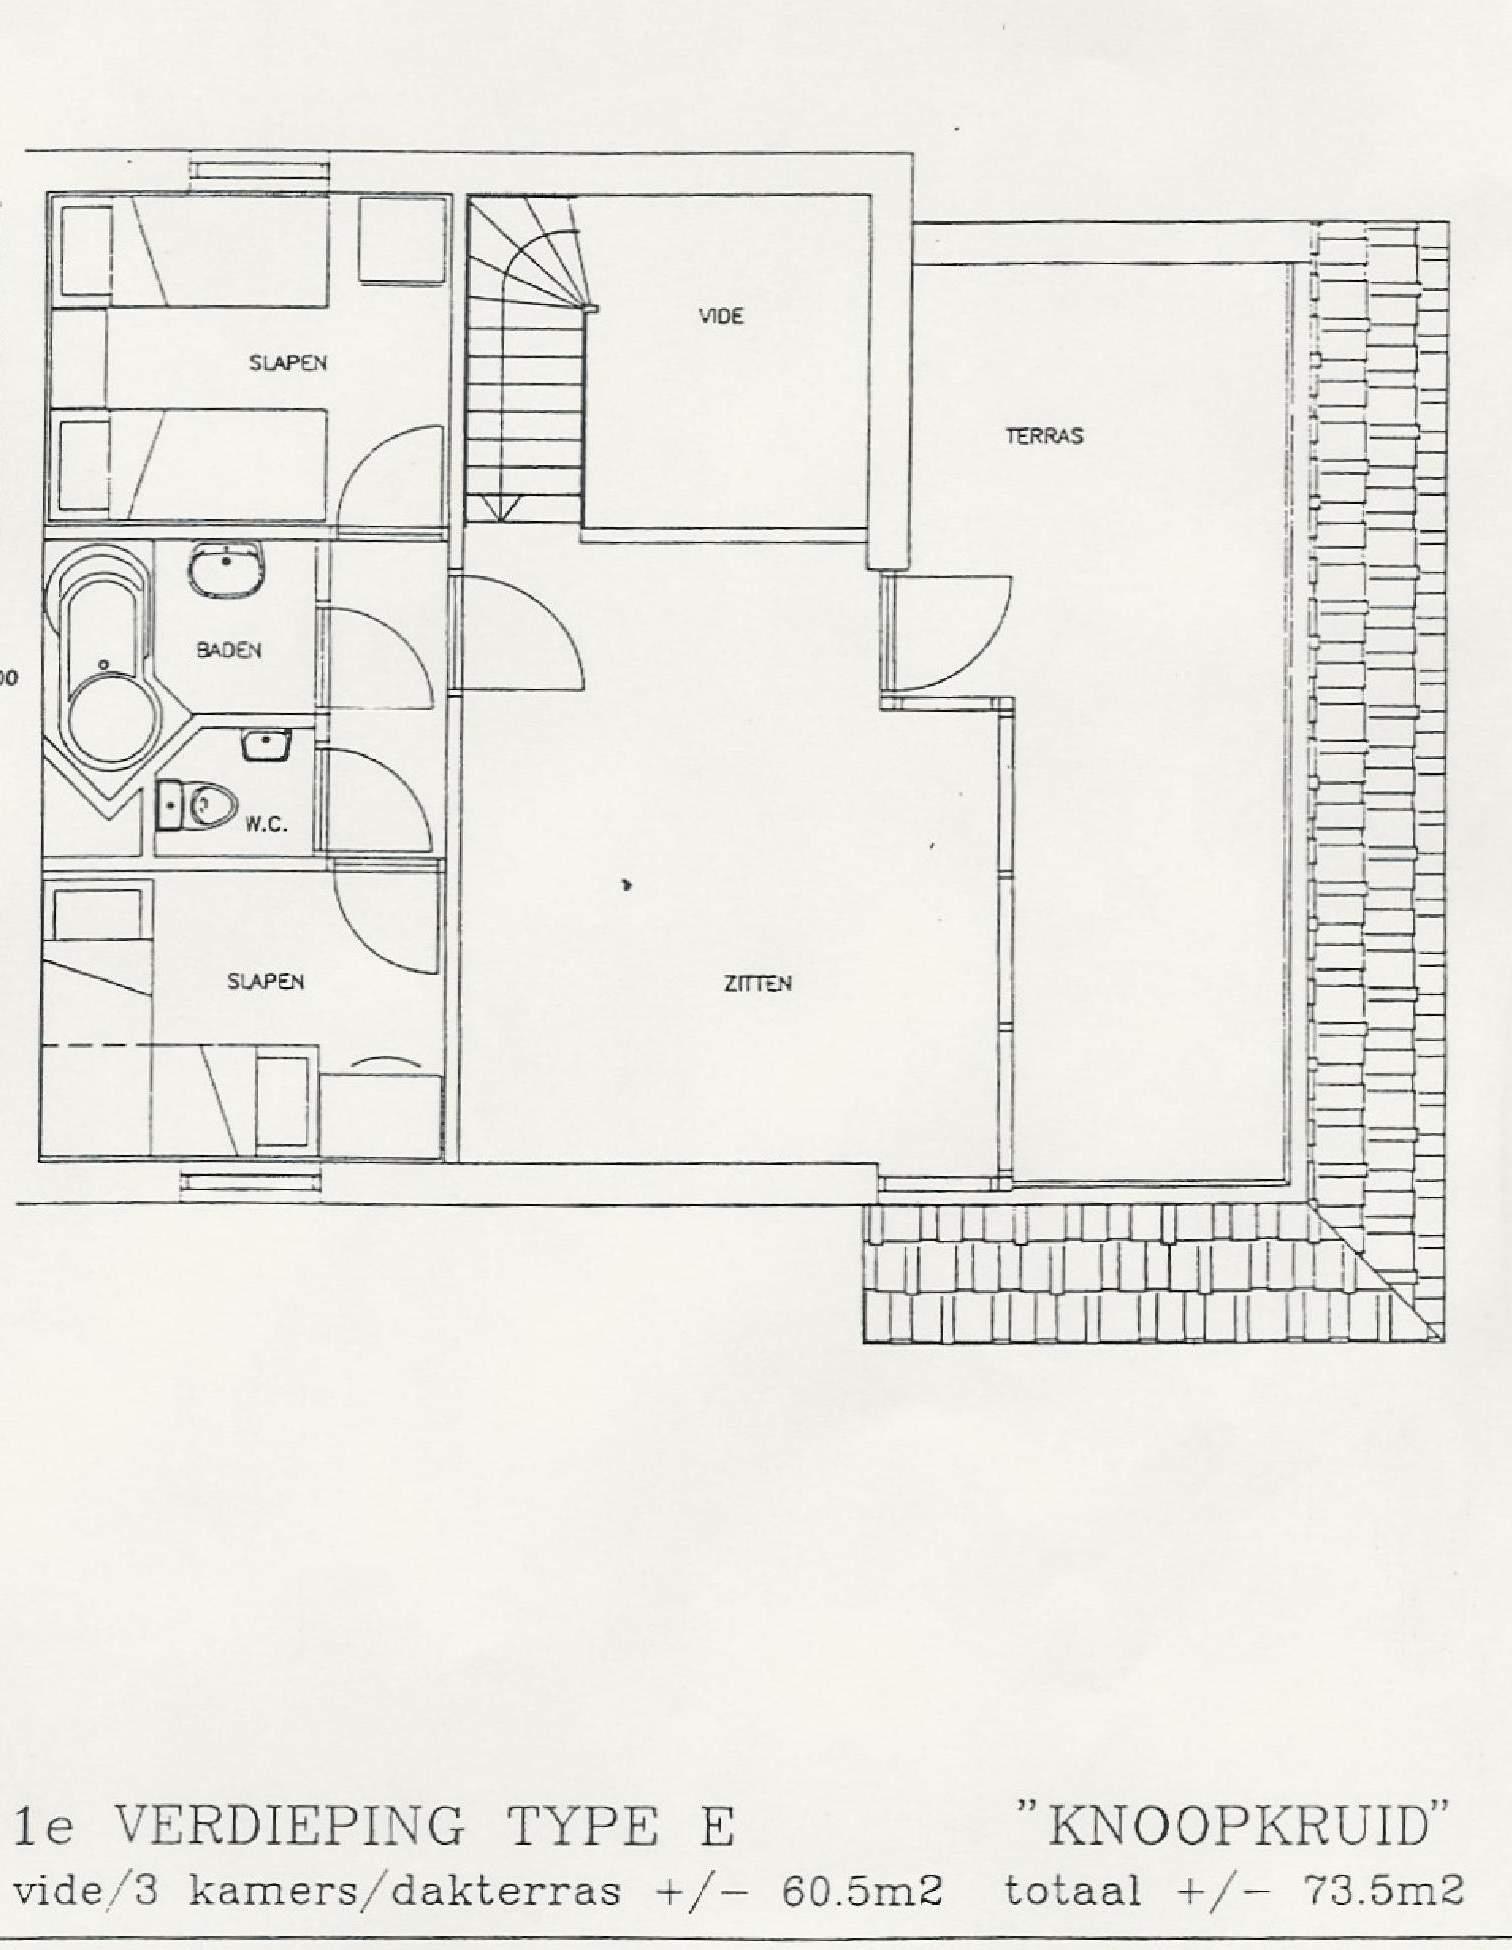 images plattegrond knoopkruid etage